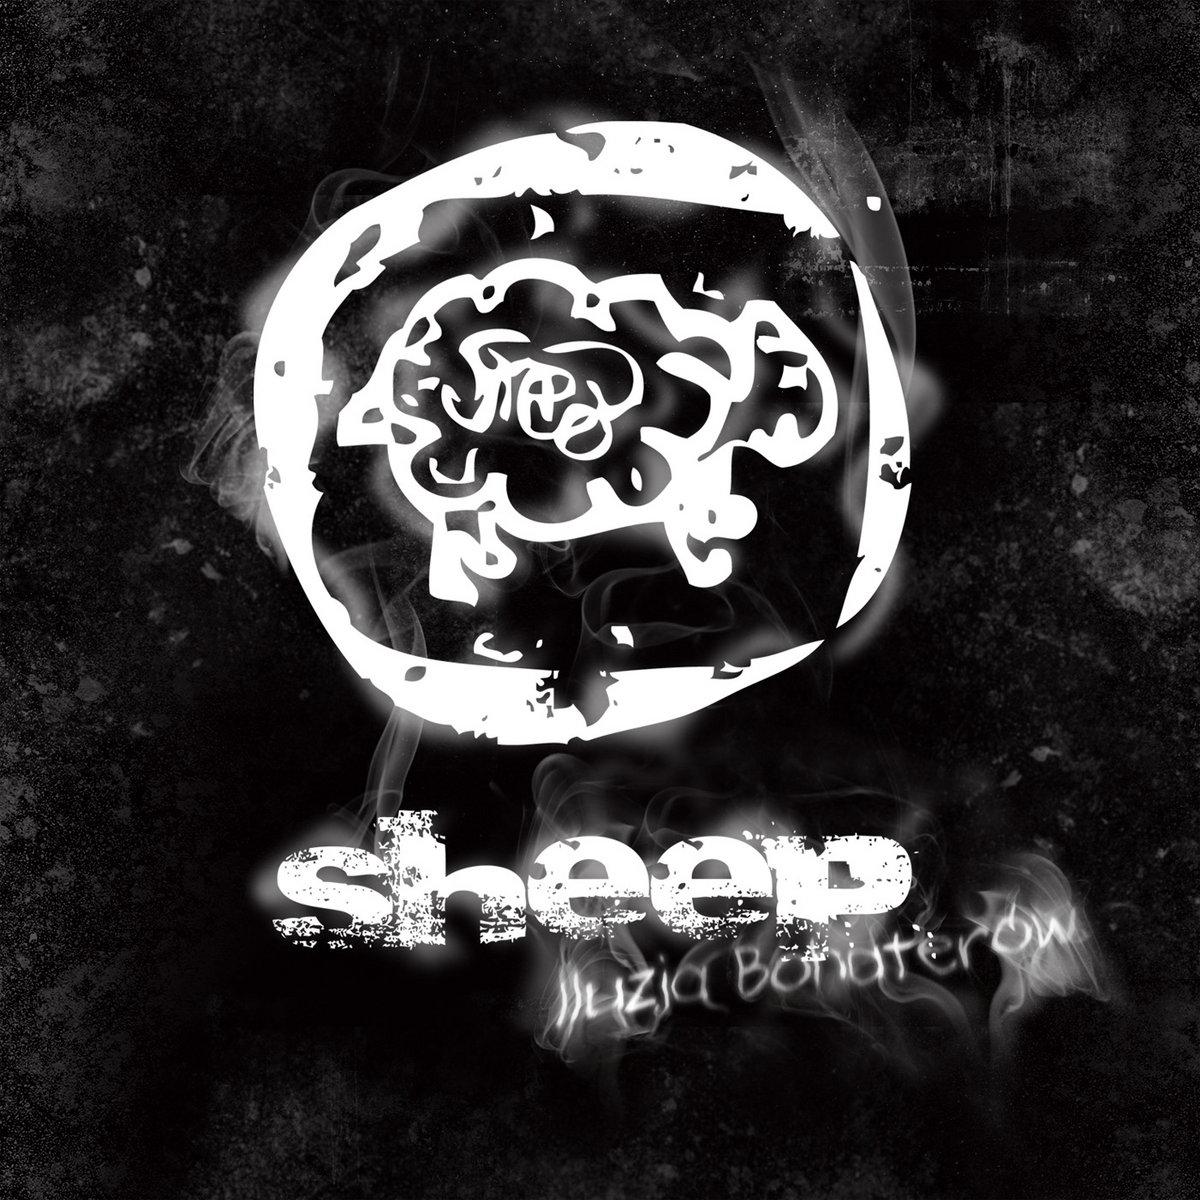 Iluzja Bohaterów | SHEEP